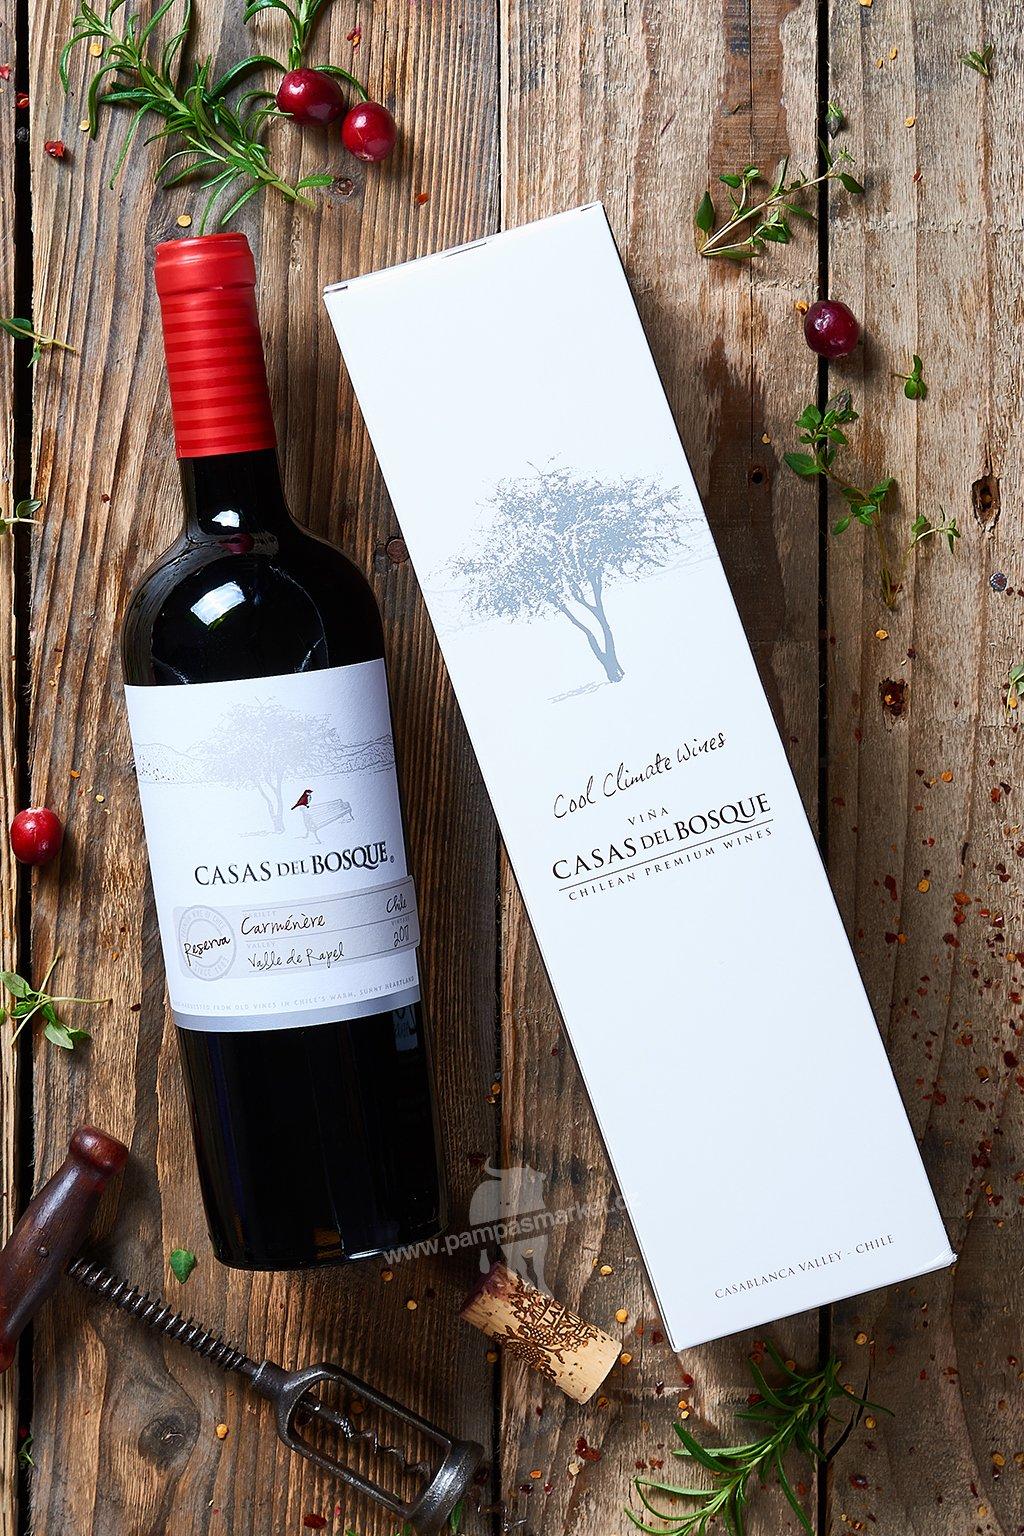 vino box 8 1024x1536